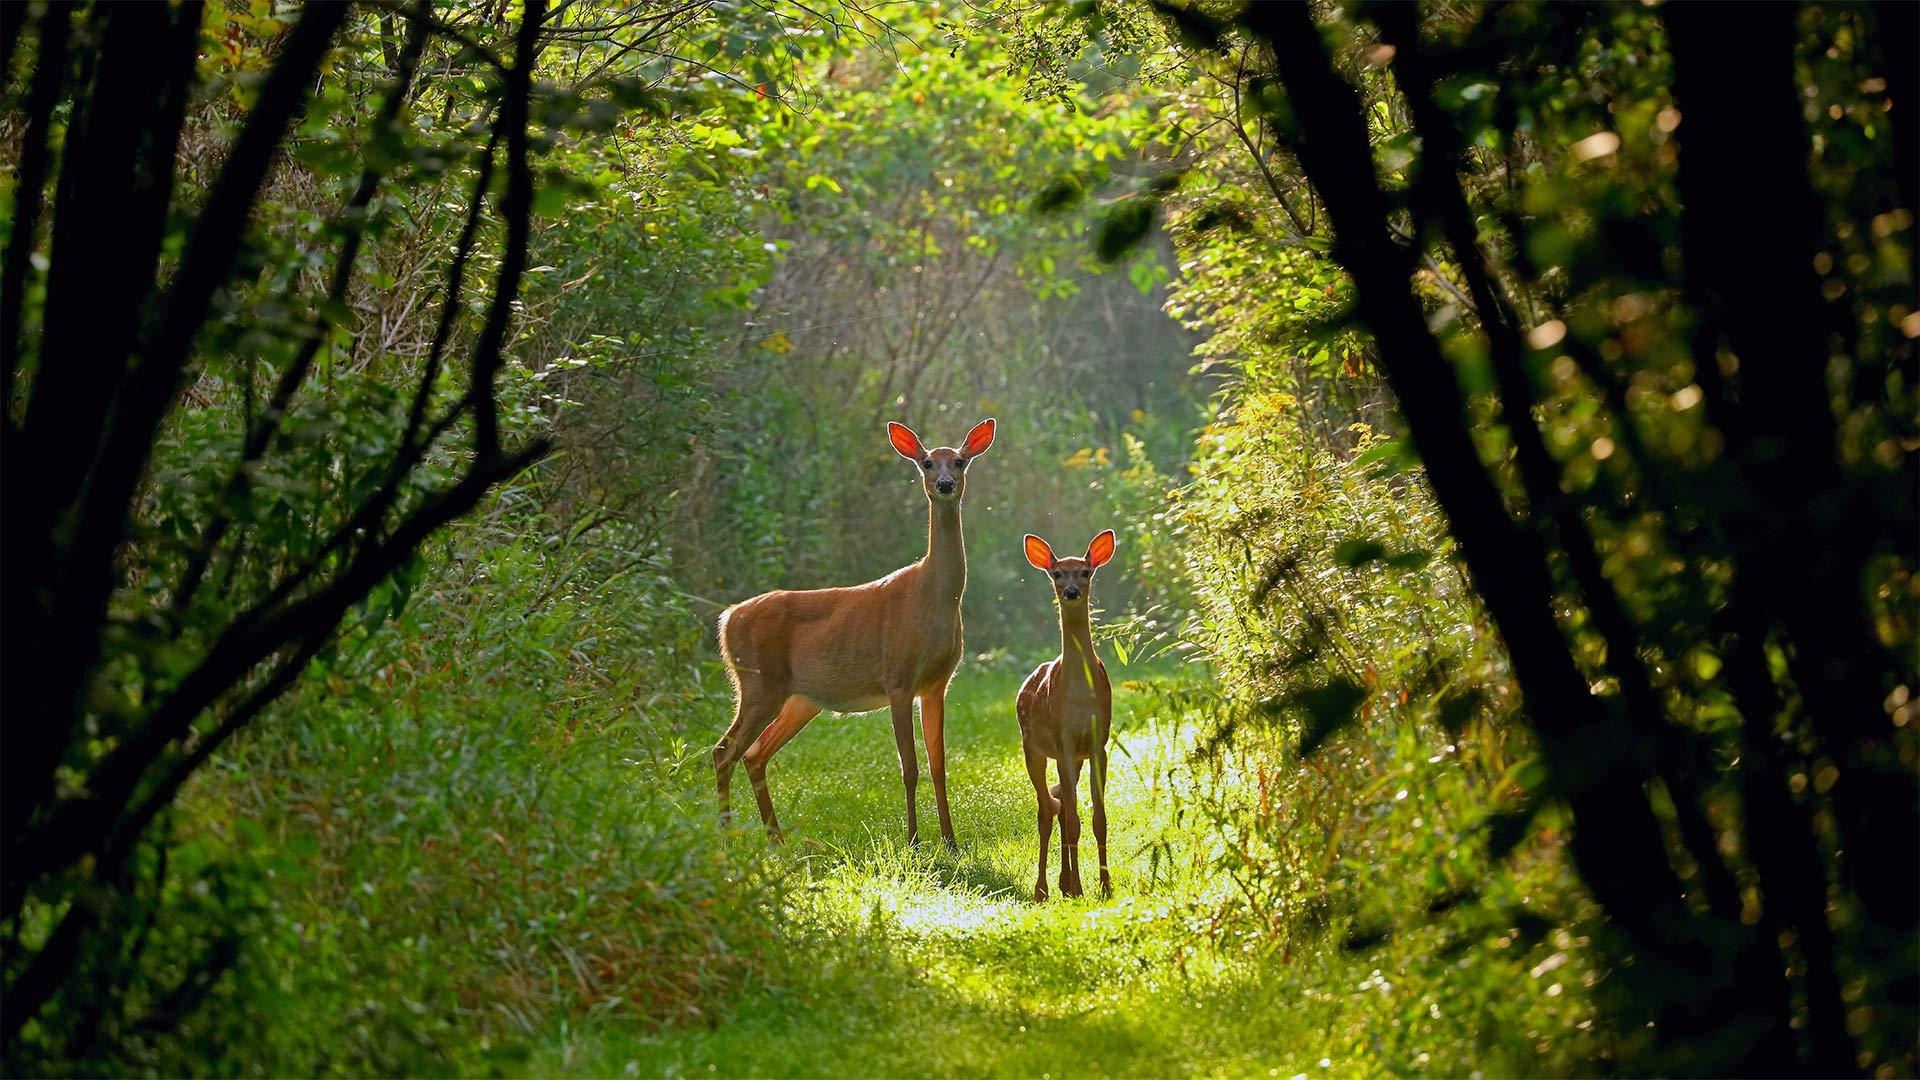 「オジロジカの母子」米国ウィスコンシン州 (© Karel Bock/Shutterstock)